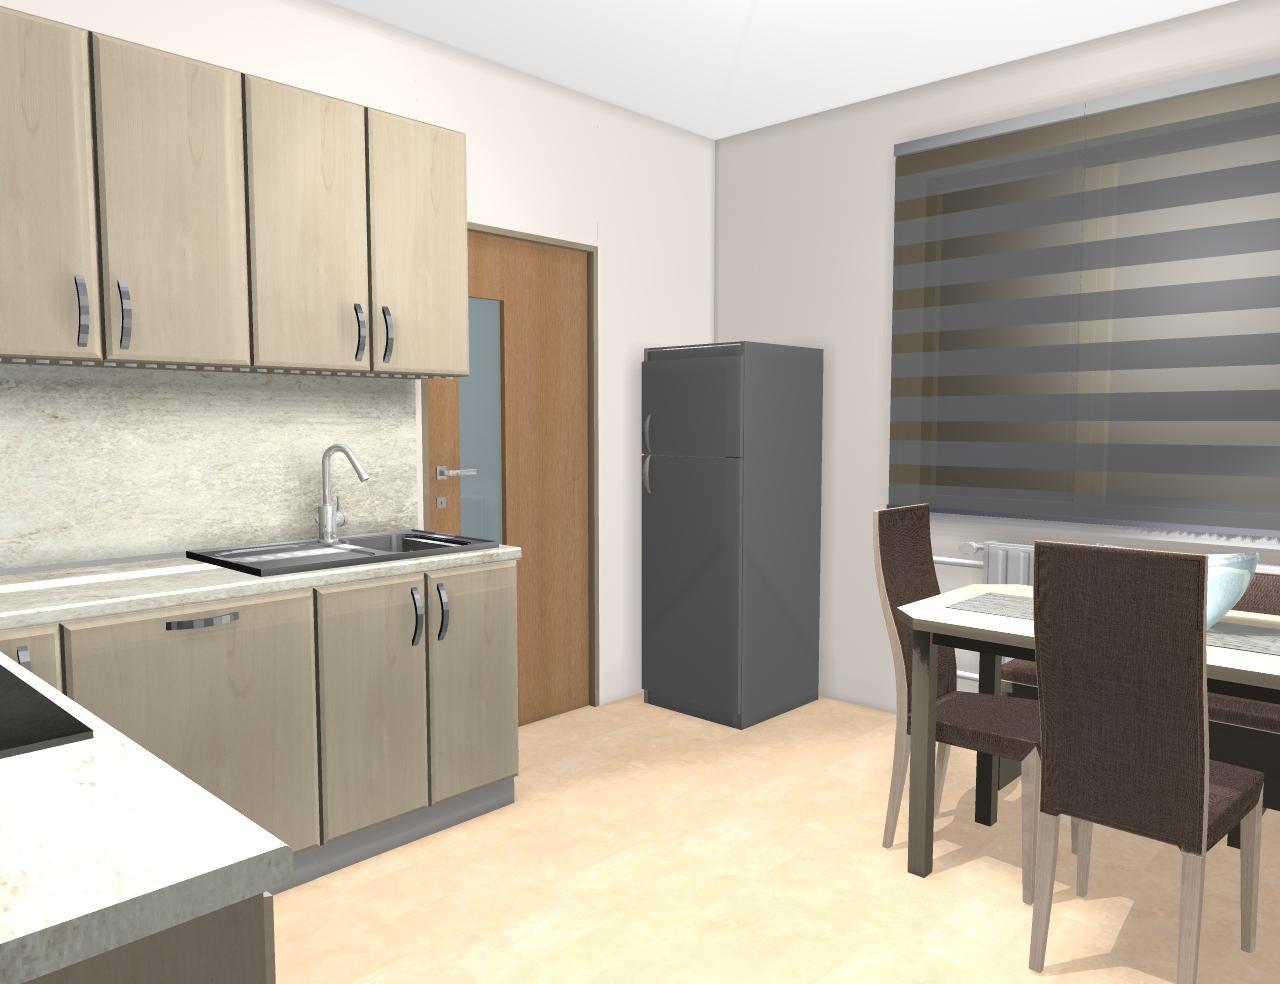 Grafické návrhy kuchynských liniek 2019 - Grafický návrh kuchynskej linky do rodinného domu - obr.10